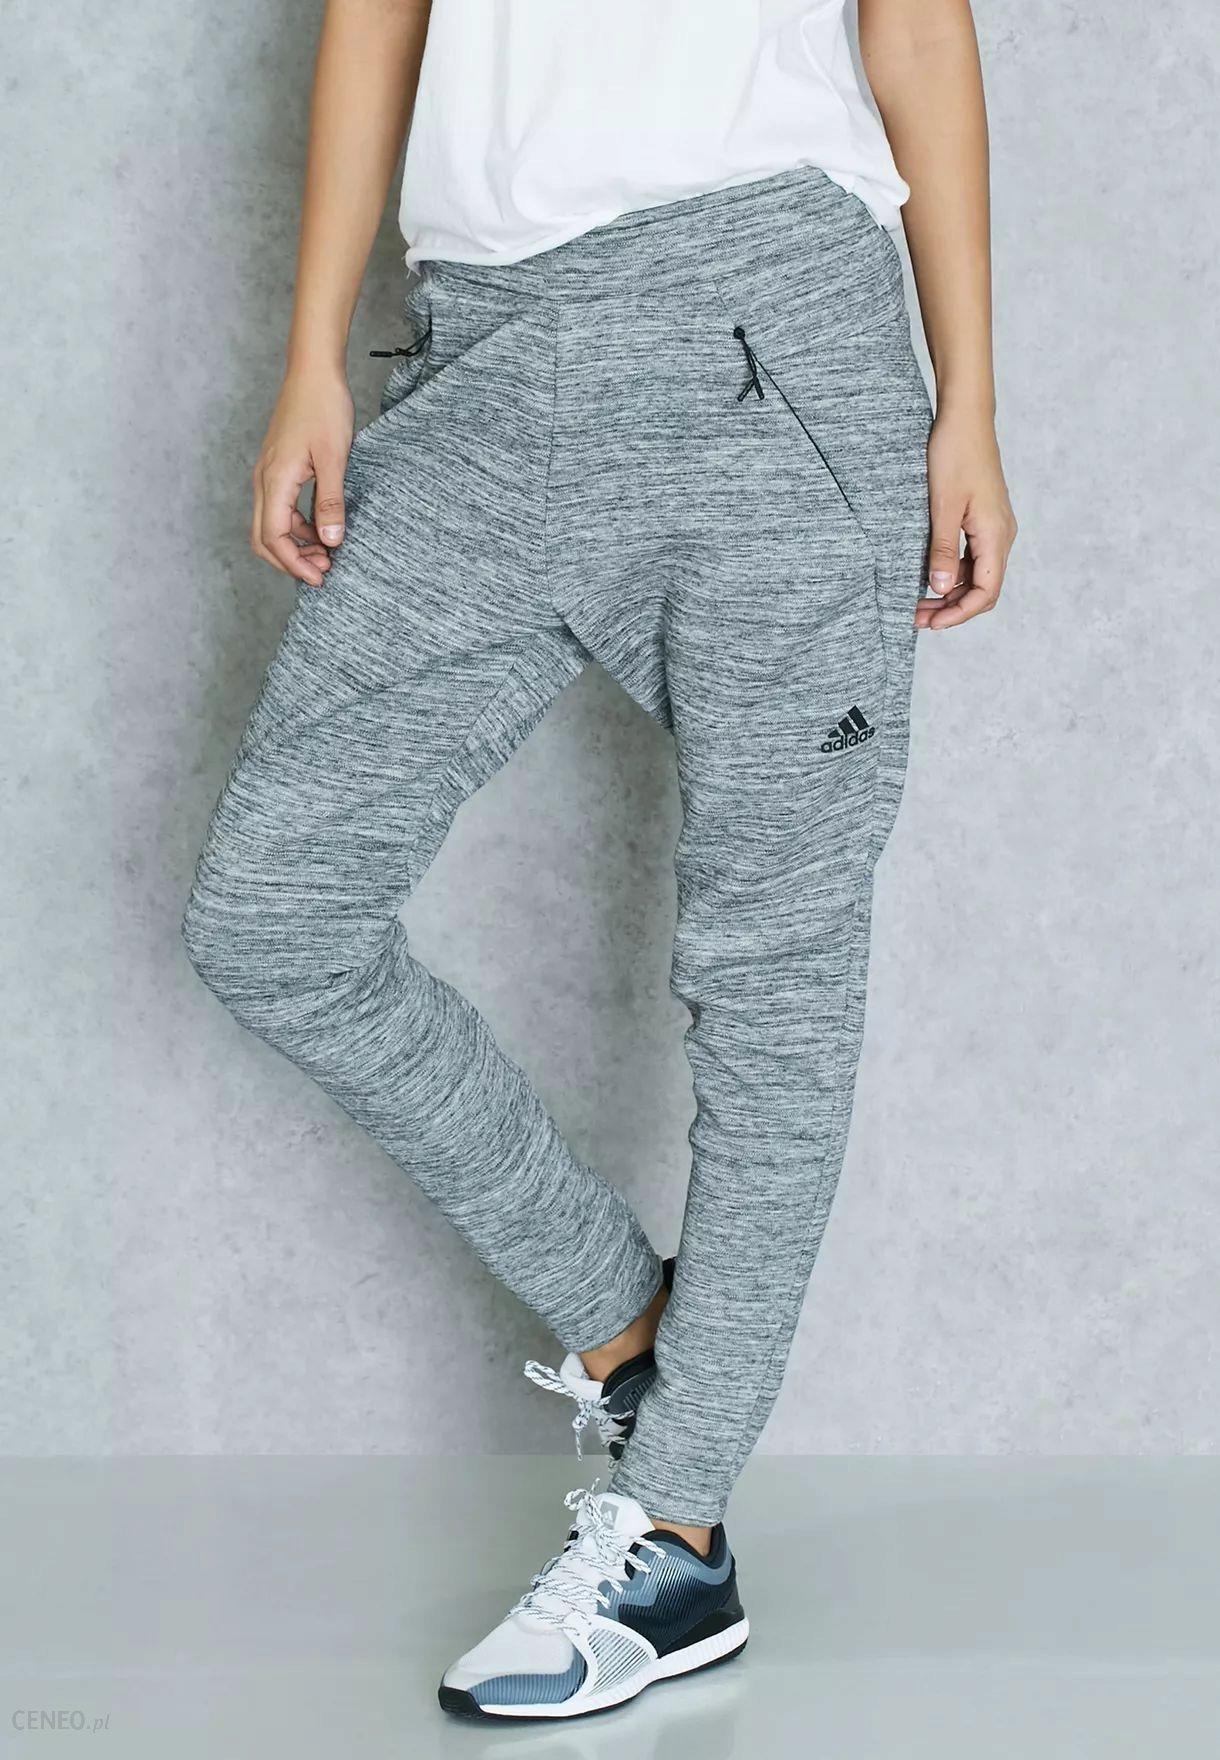 Spodnie dresowe damskie Stadium Pant Adidas (szare) sklep